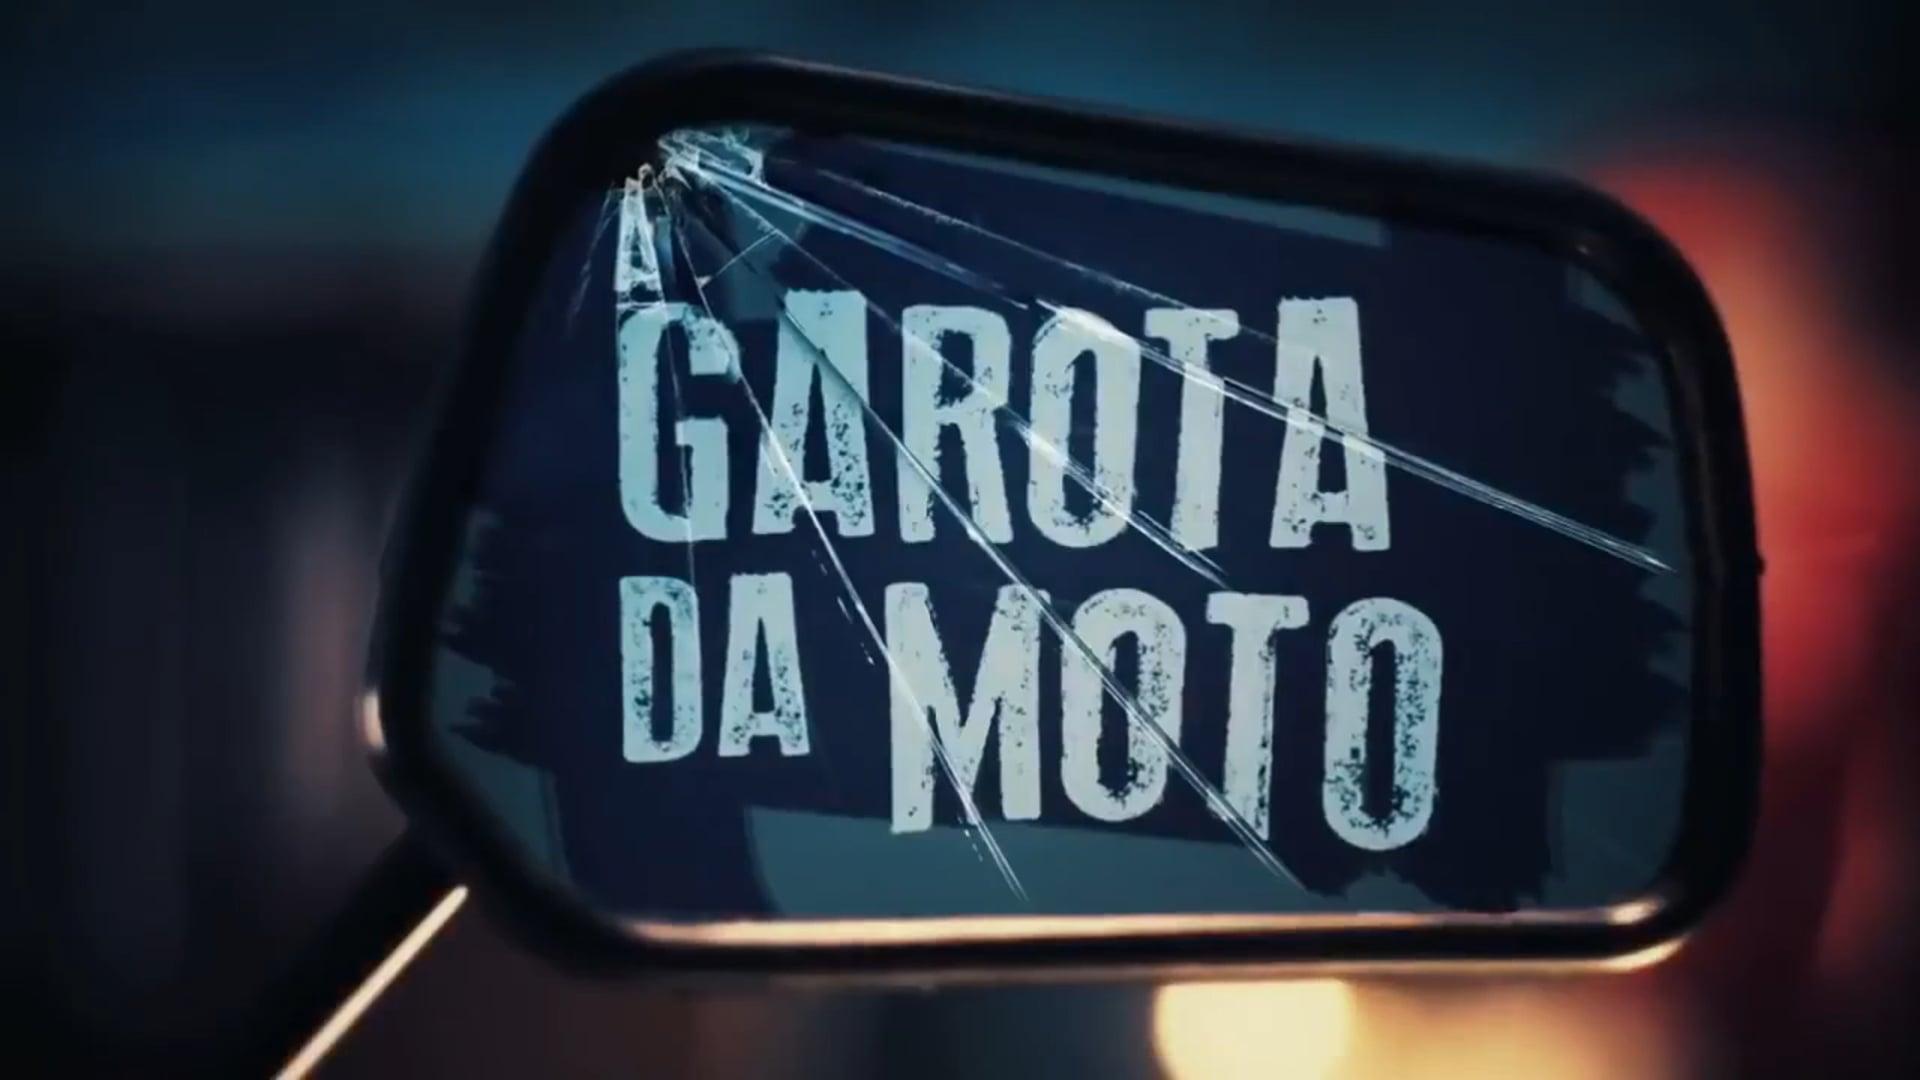 A Garota da Moto - Série de TV - SBT/FOX